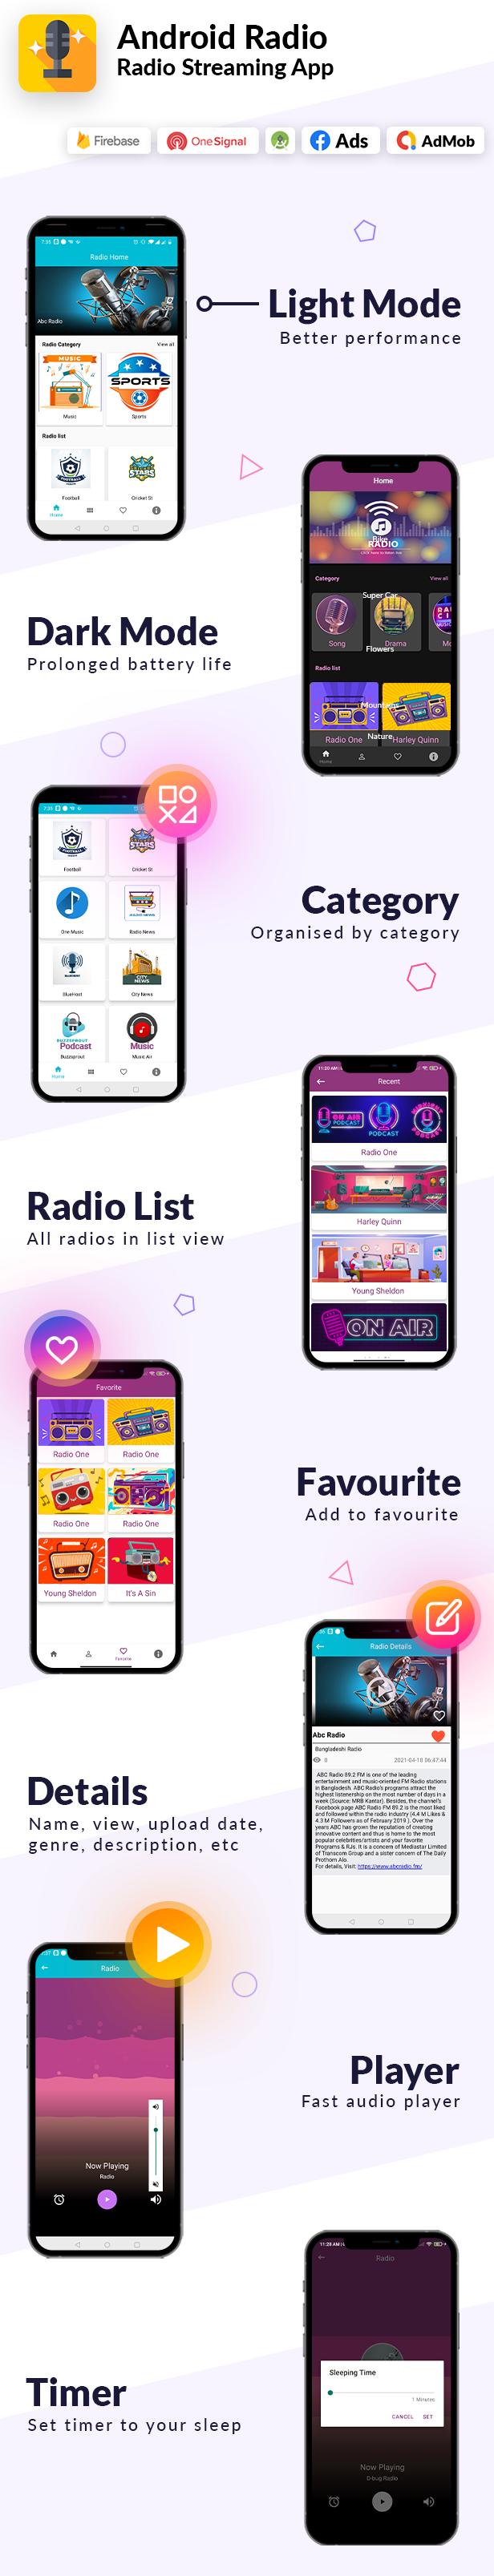 Aplicación de radio Android en línea | Admob, Facebook, Startapp - 4